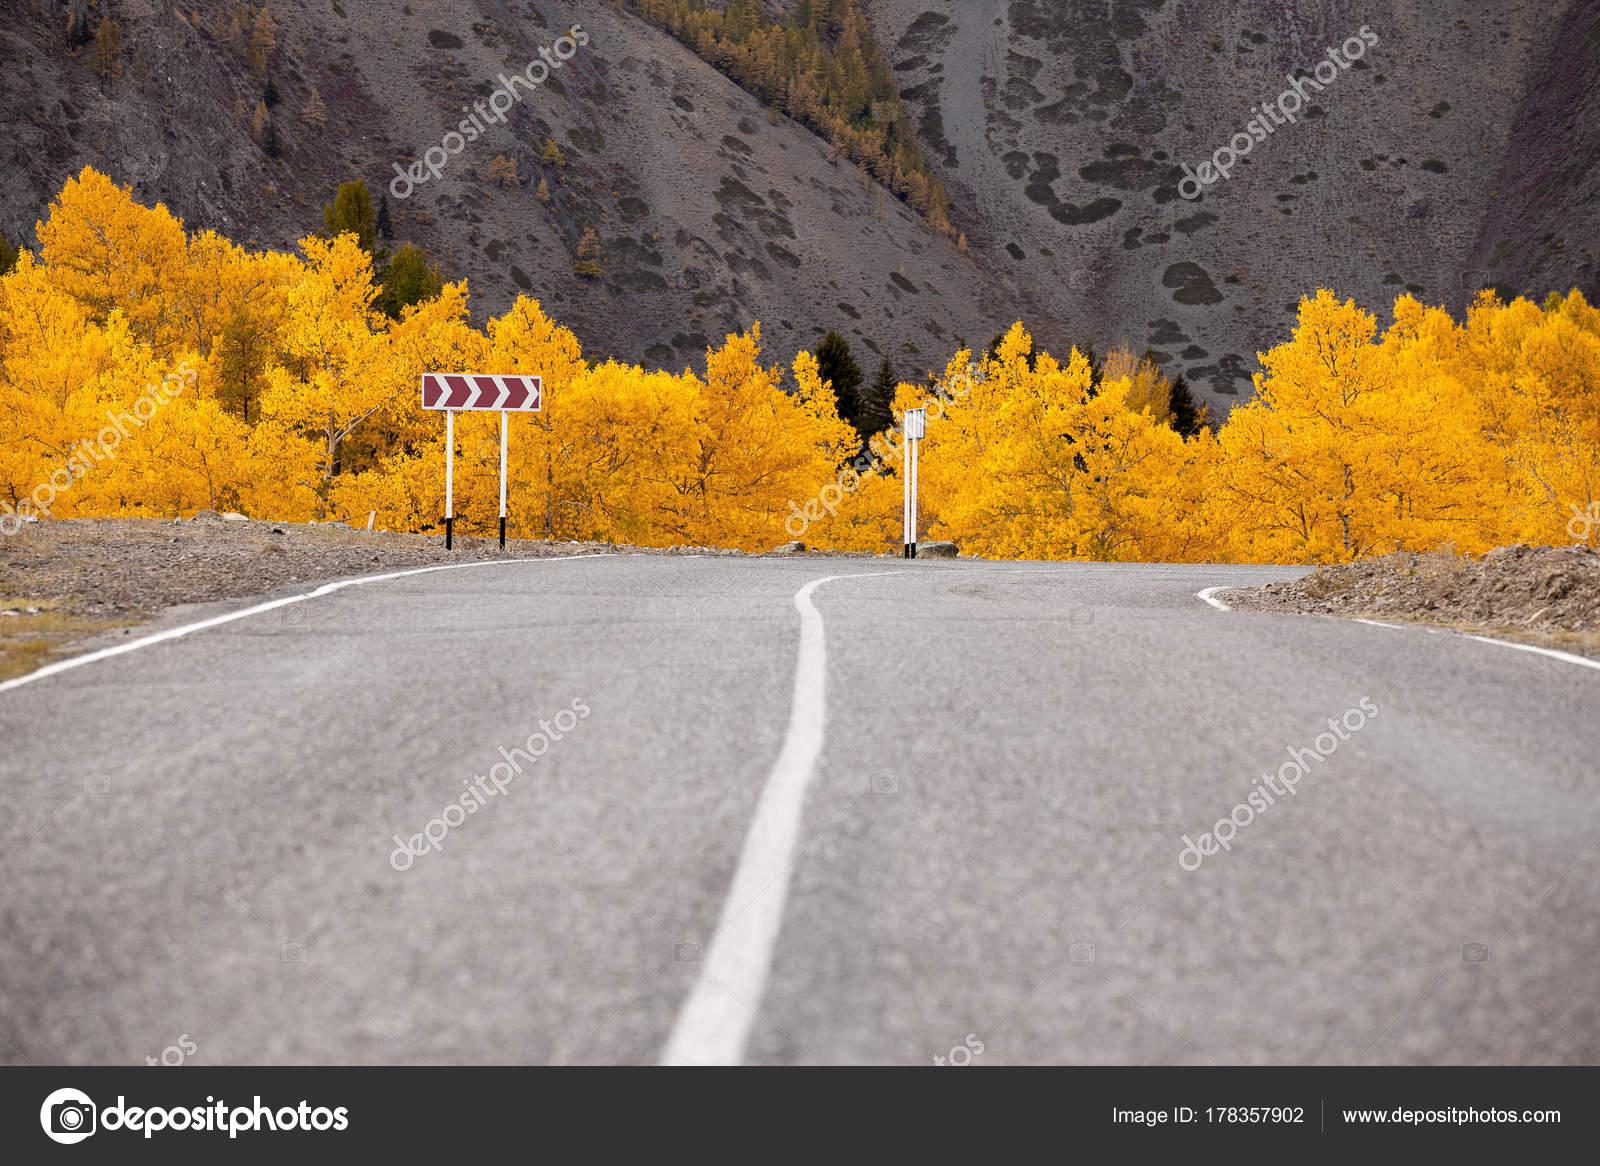 autumn mountain road track background autumn trees stock photo